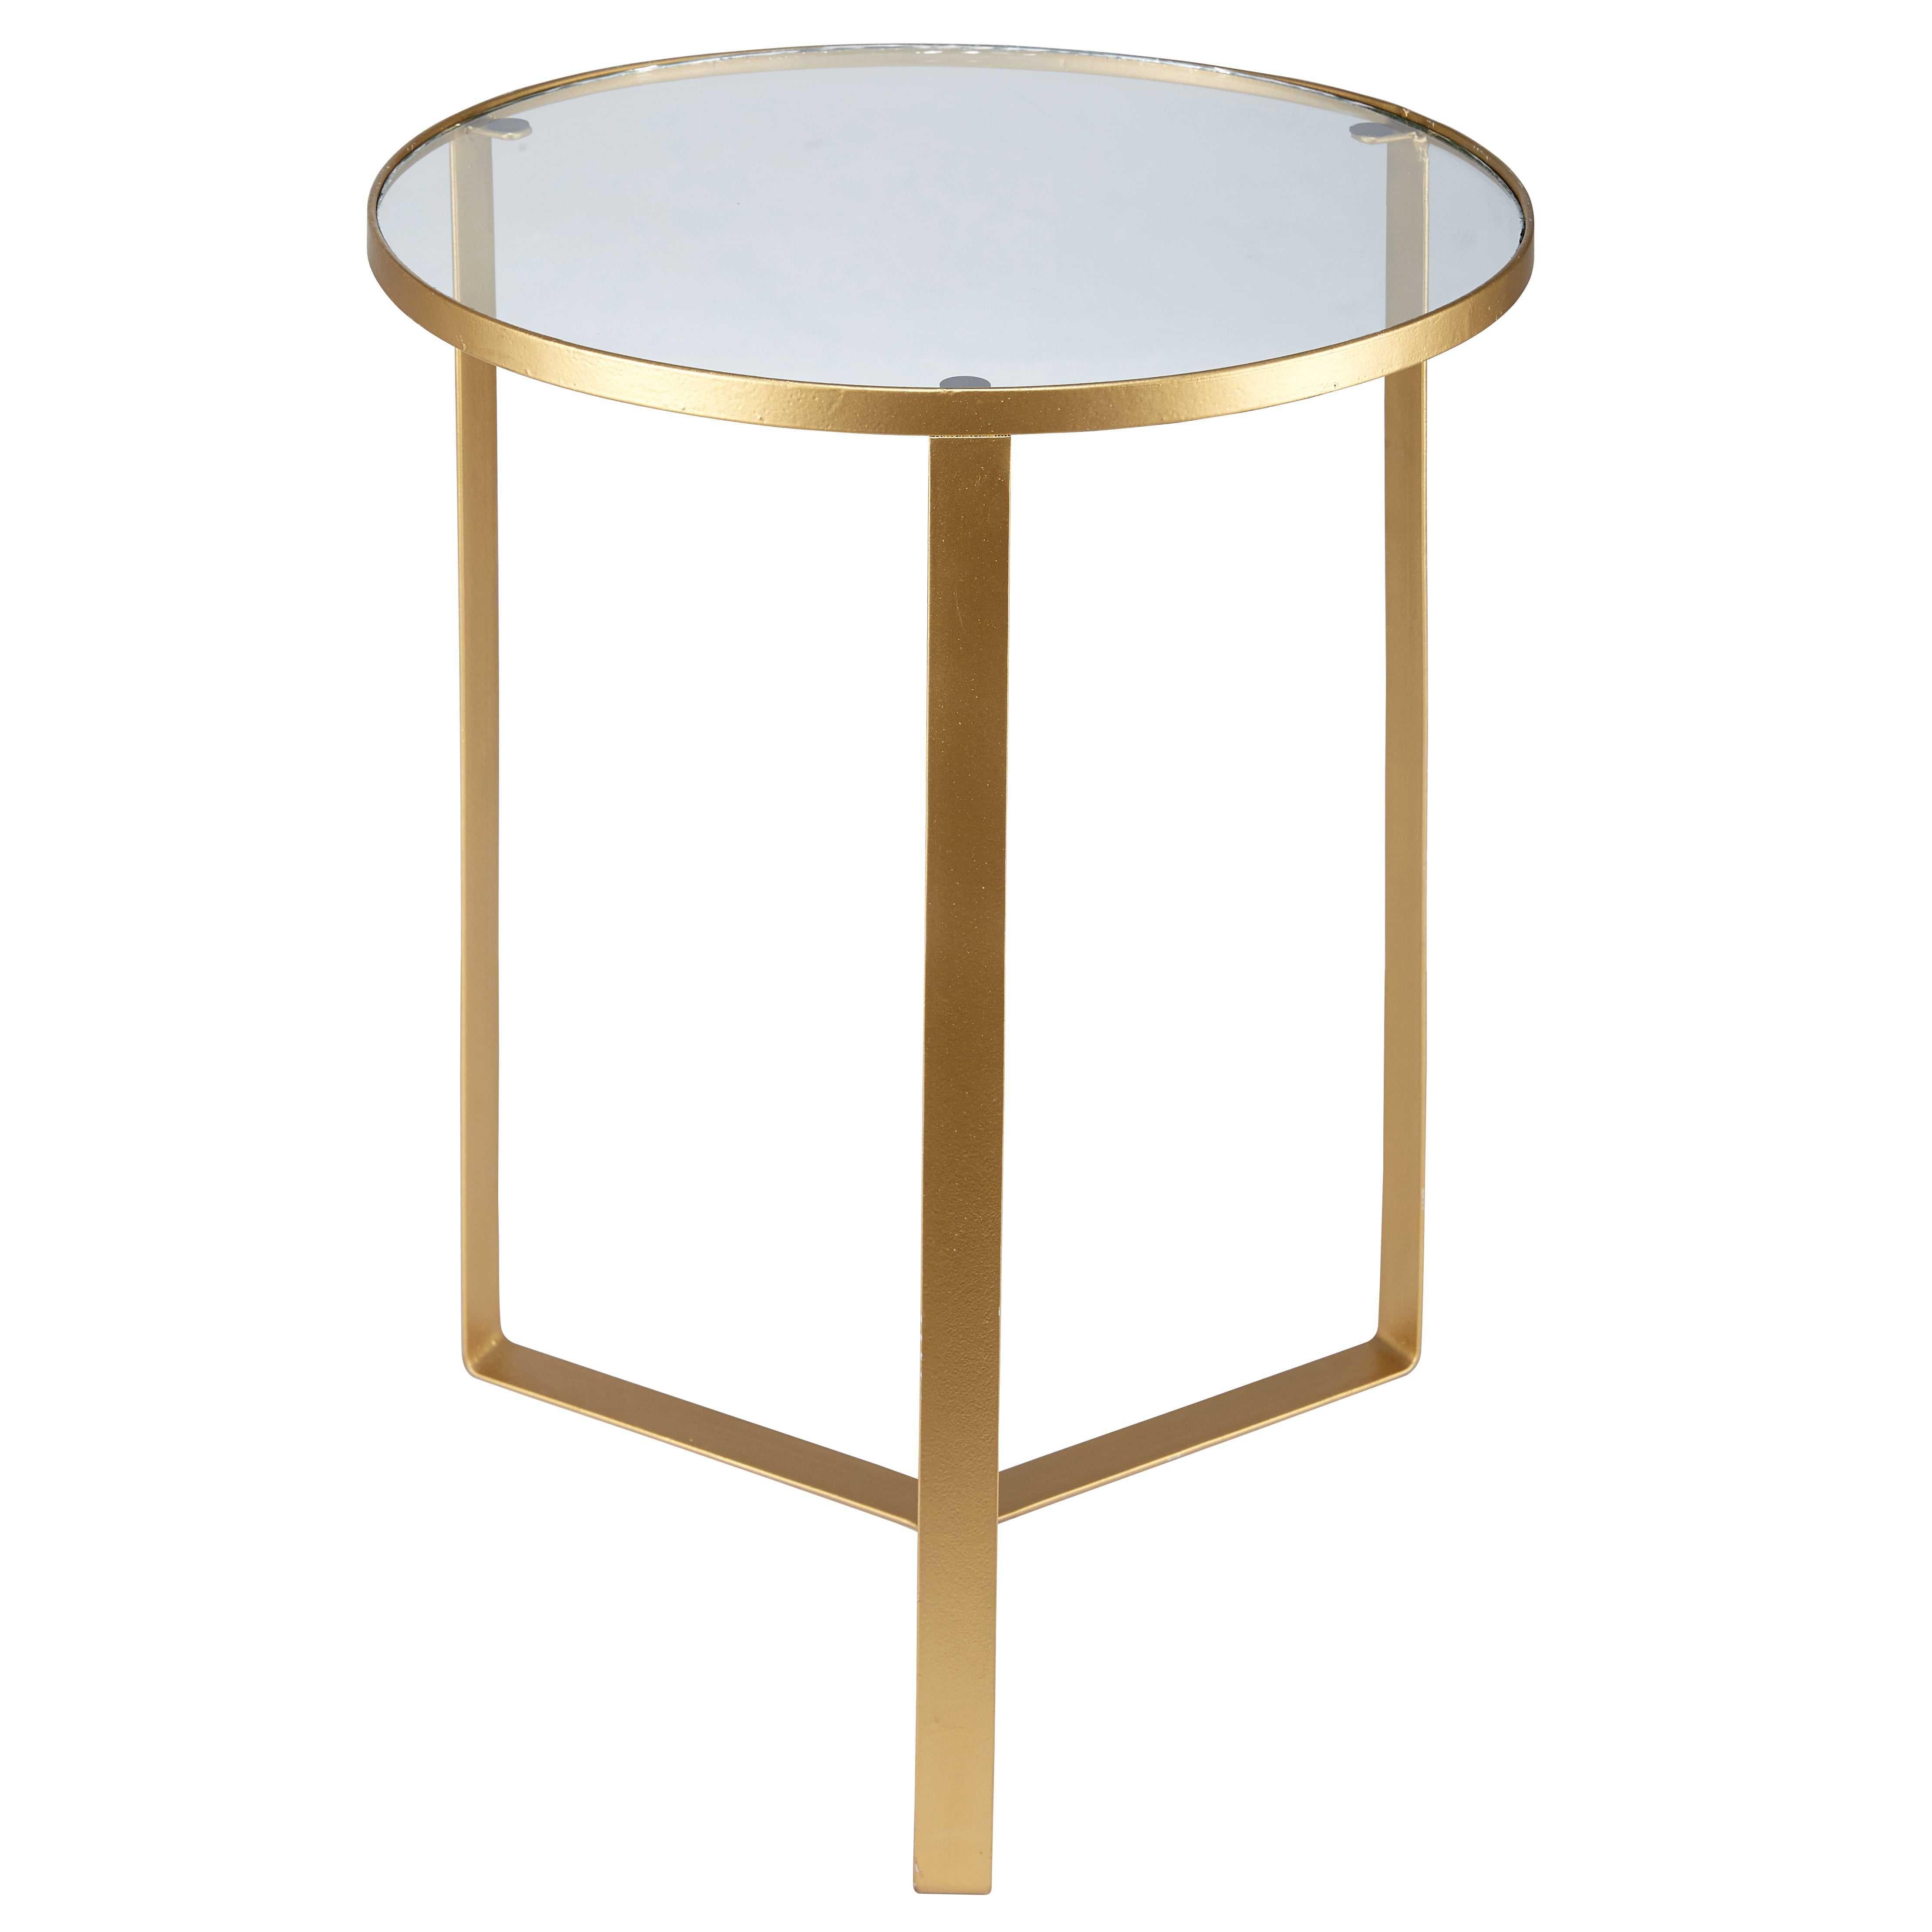 beistelltisch aus glas und goldfarbenem metall olivia jetzt ... - Wohnzimmertische Aus Glas